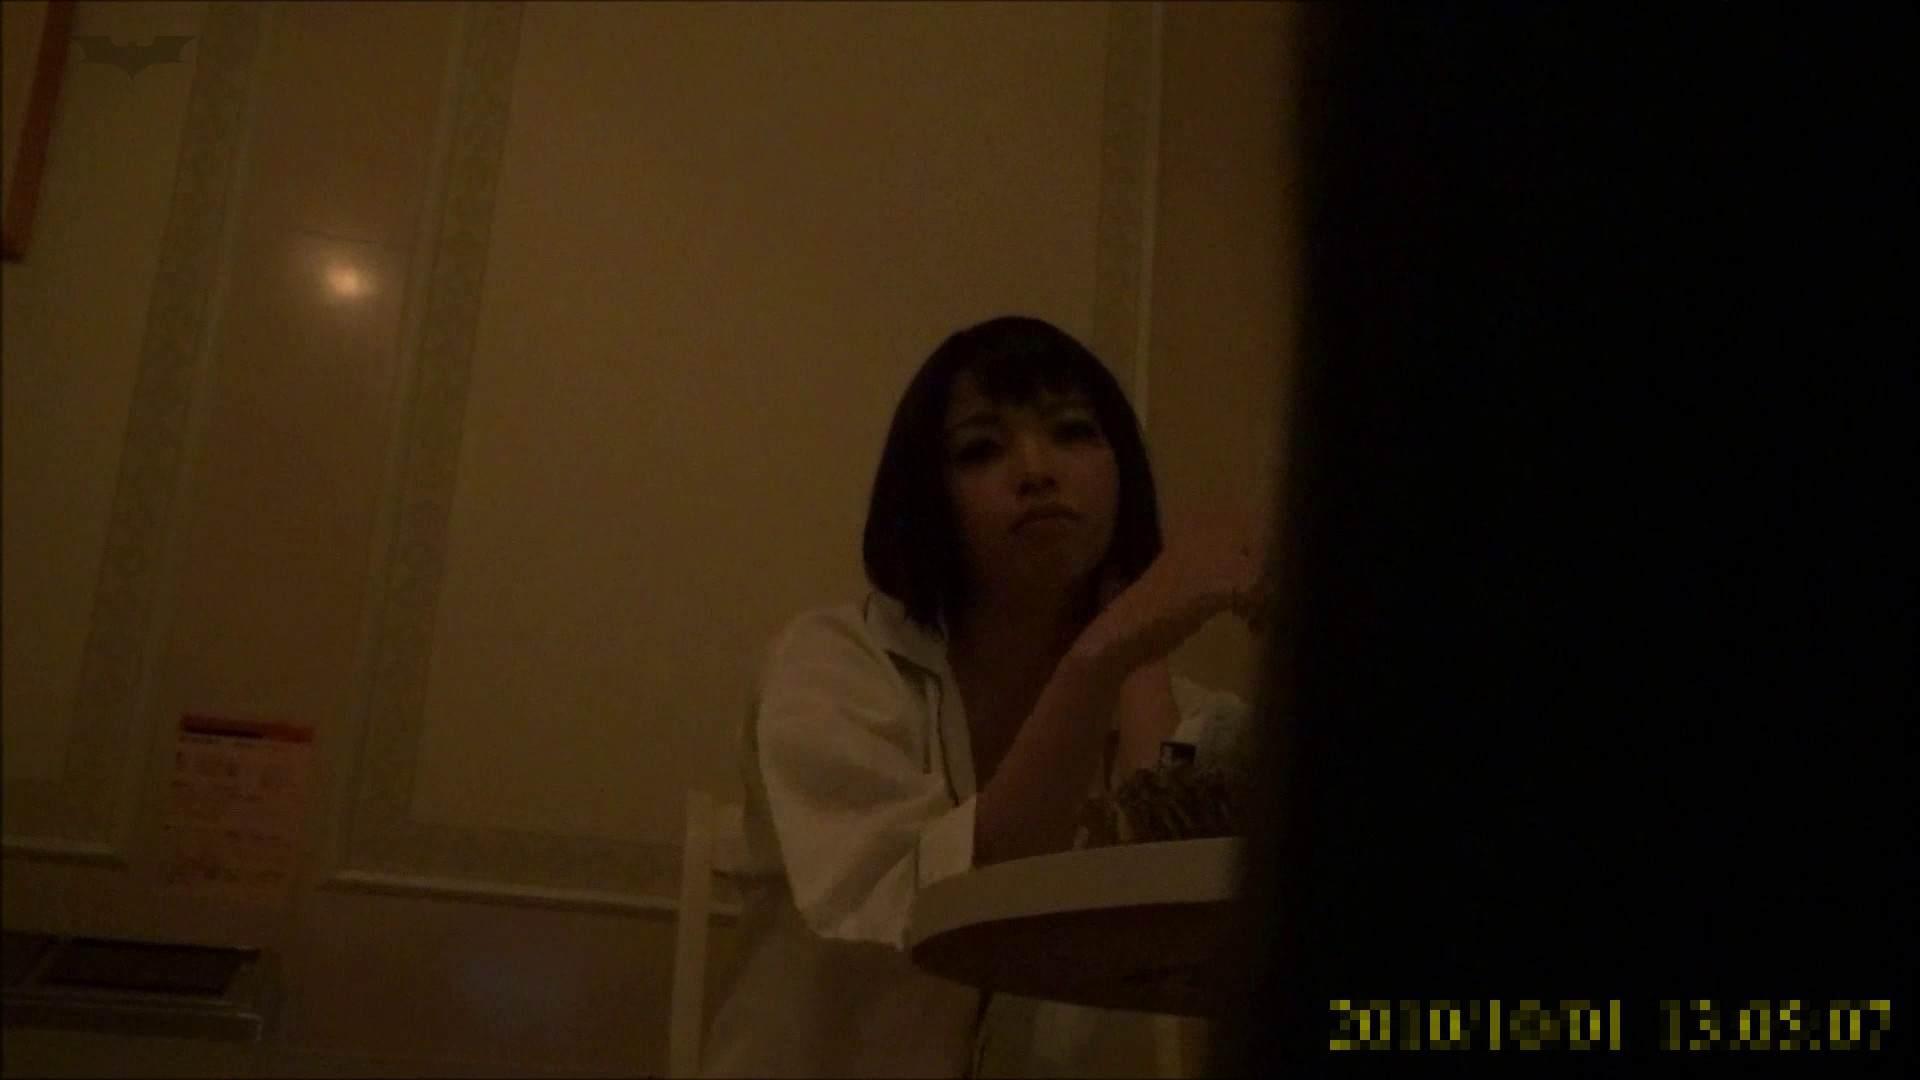 【未公開】vol.96 {茶髪→黒髪ギャル}美巨乳アミちゃん③【前編】 トイレ中   ホテル  96連発 16